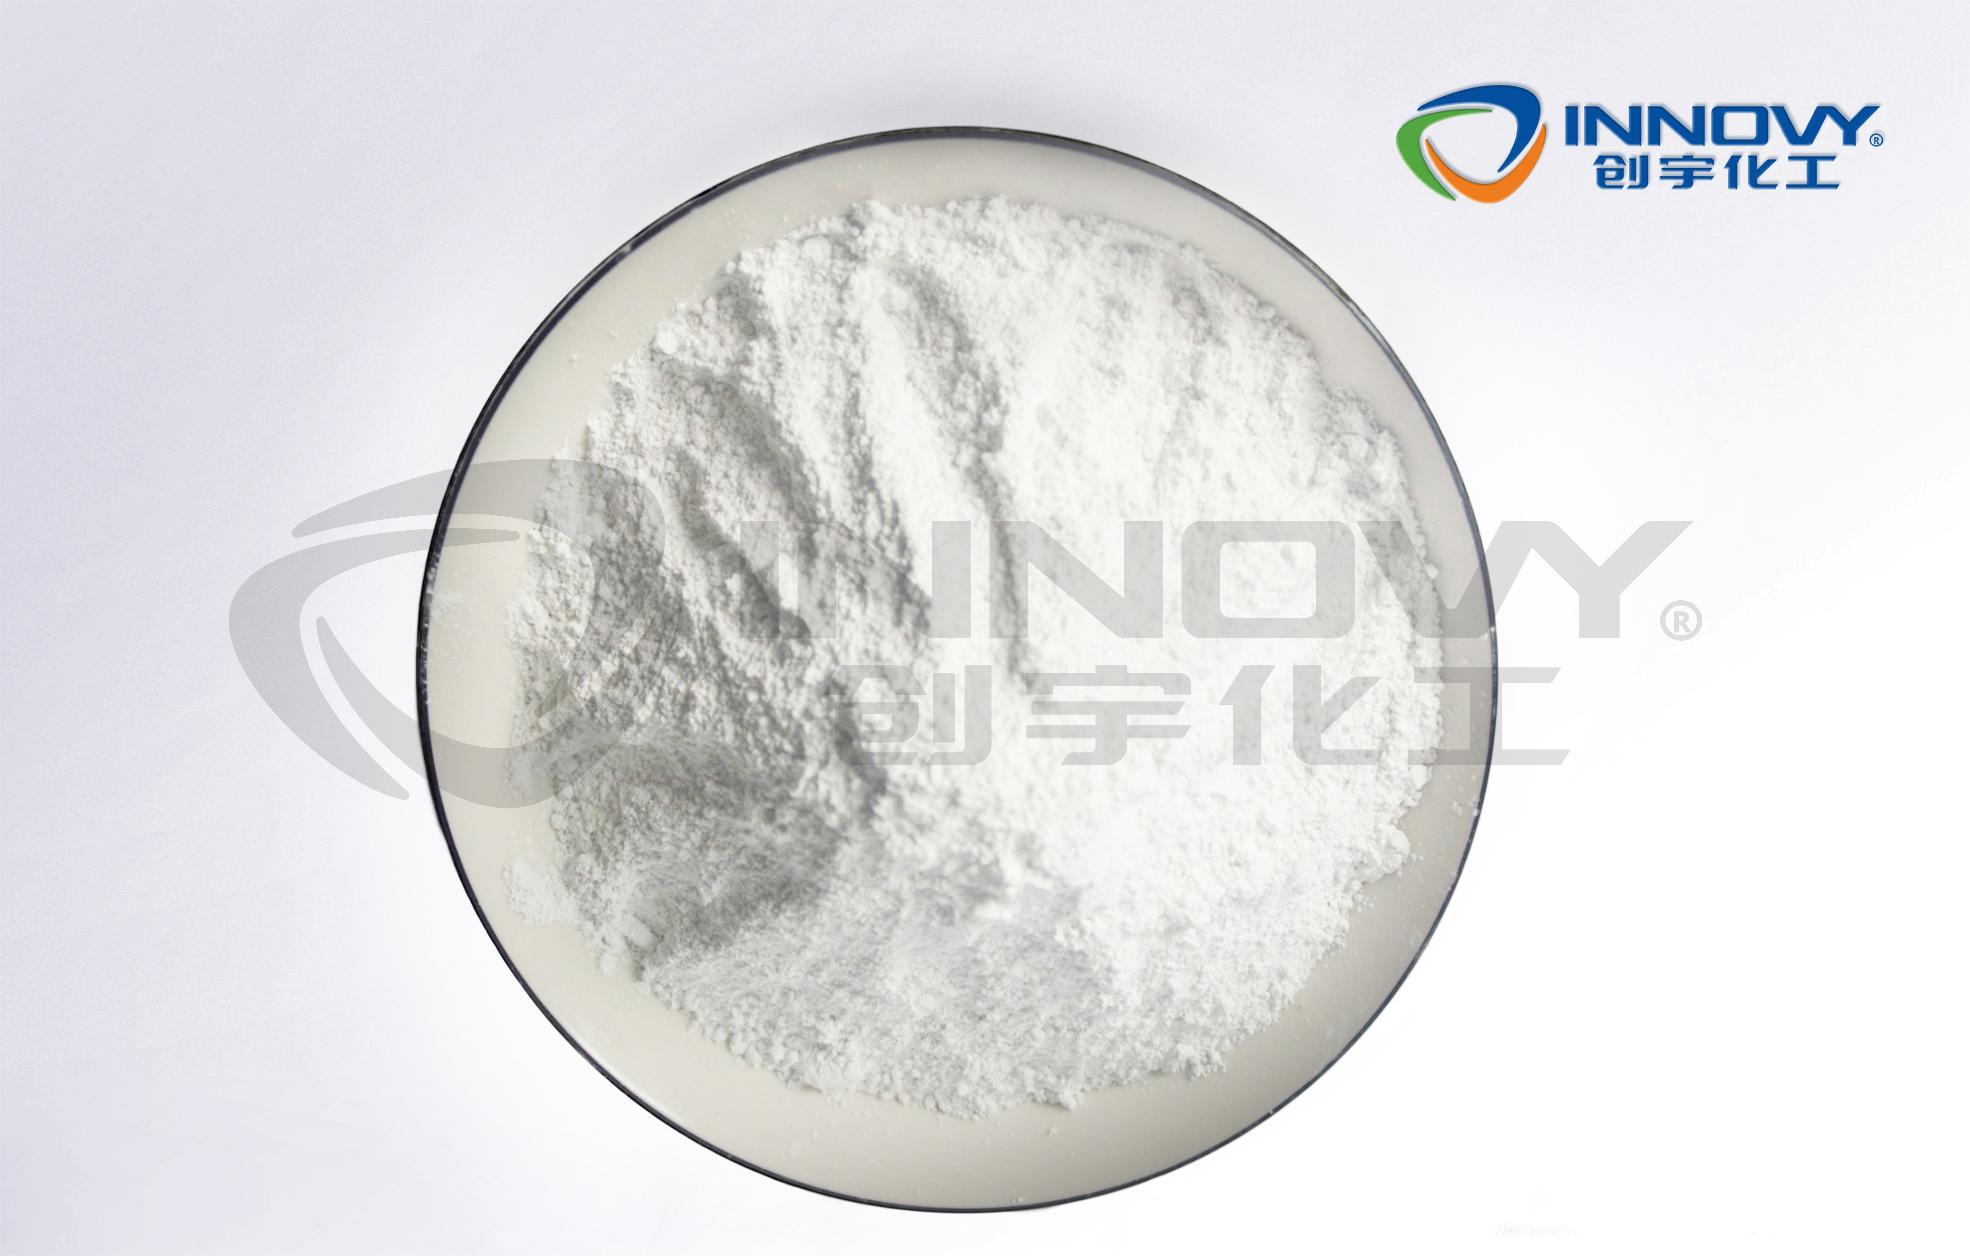 硬脂酸锌的用途及应用领域